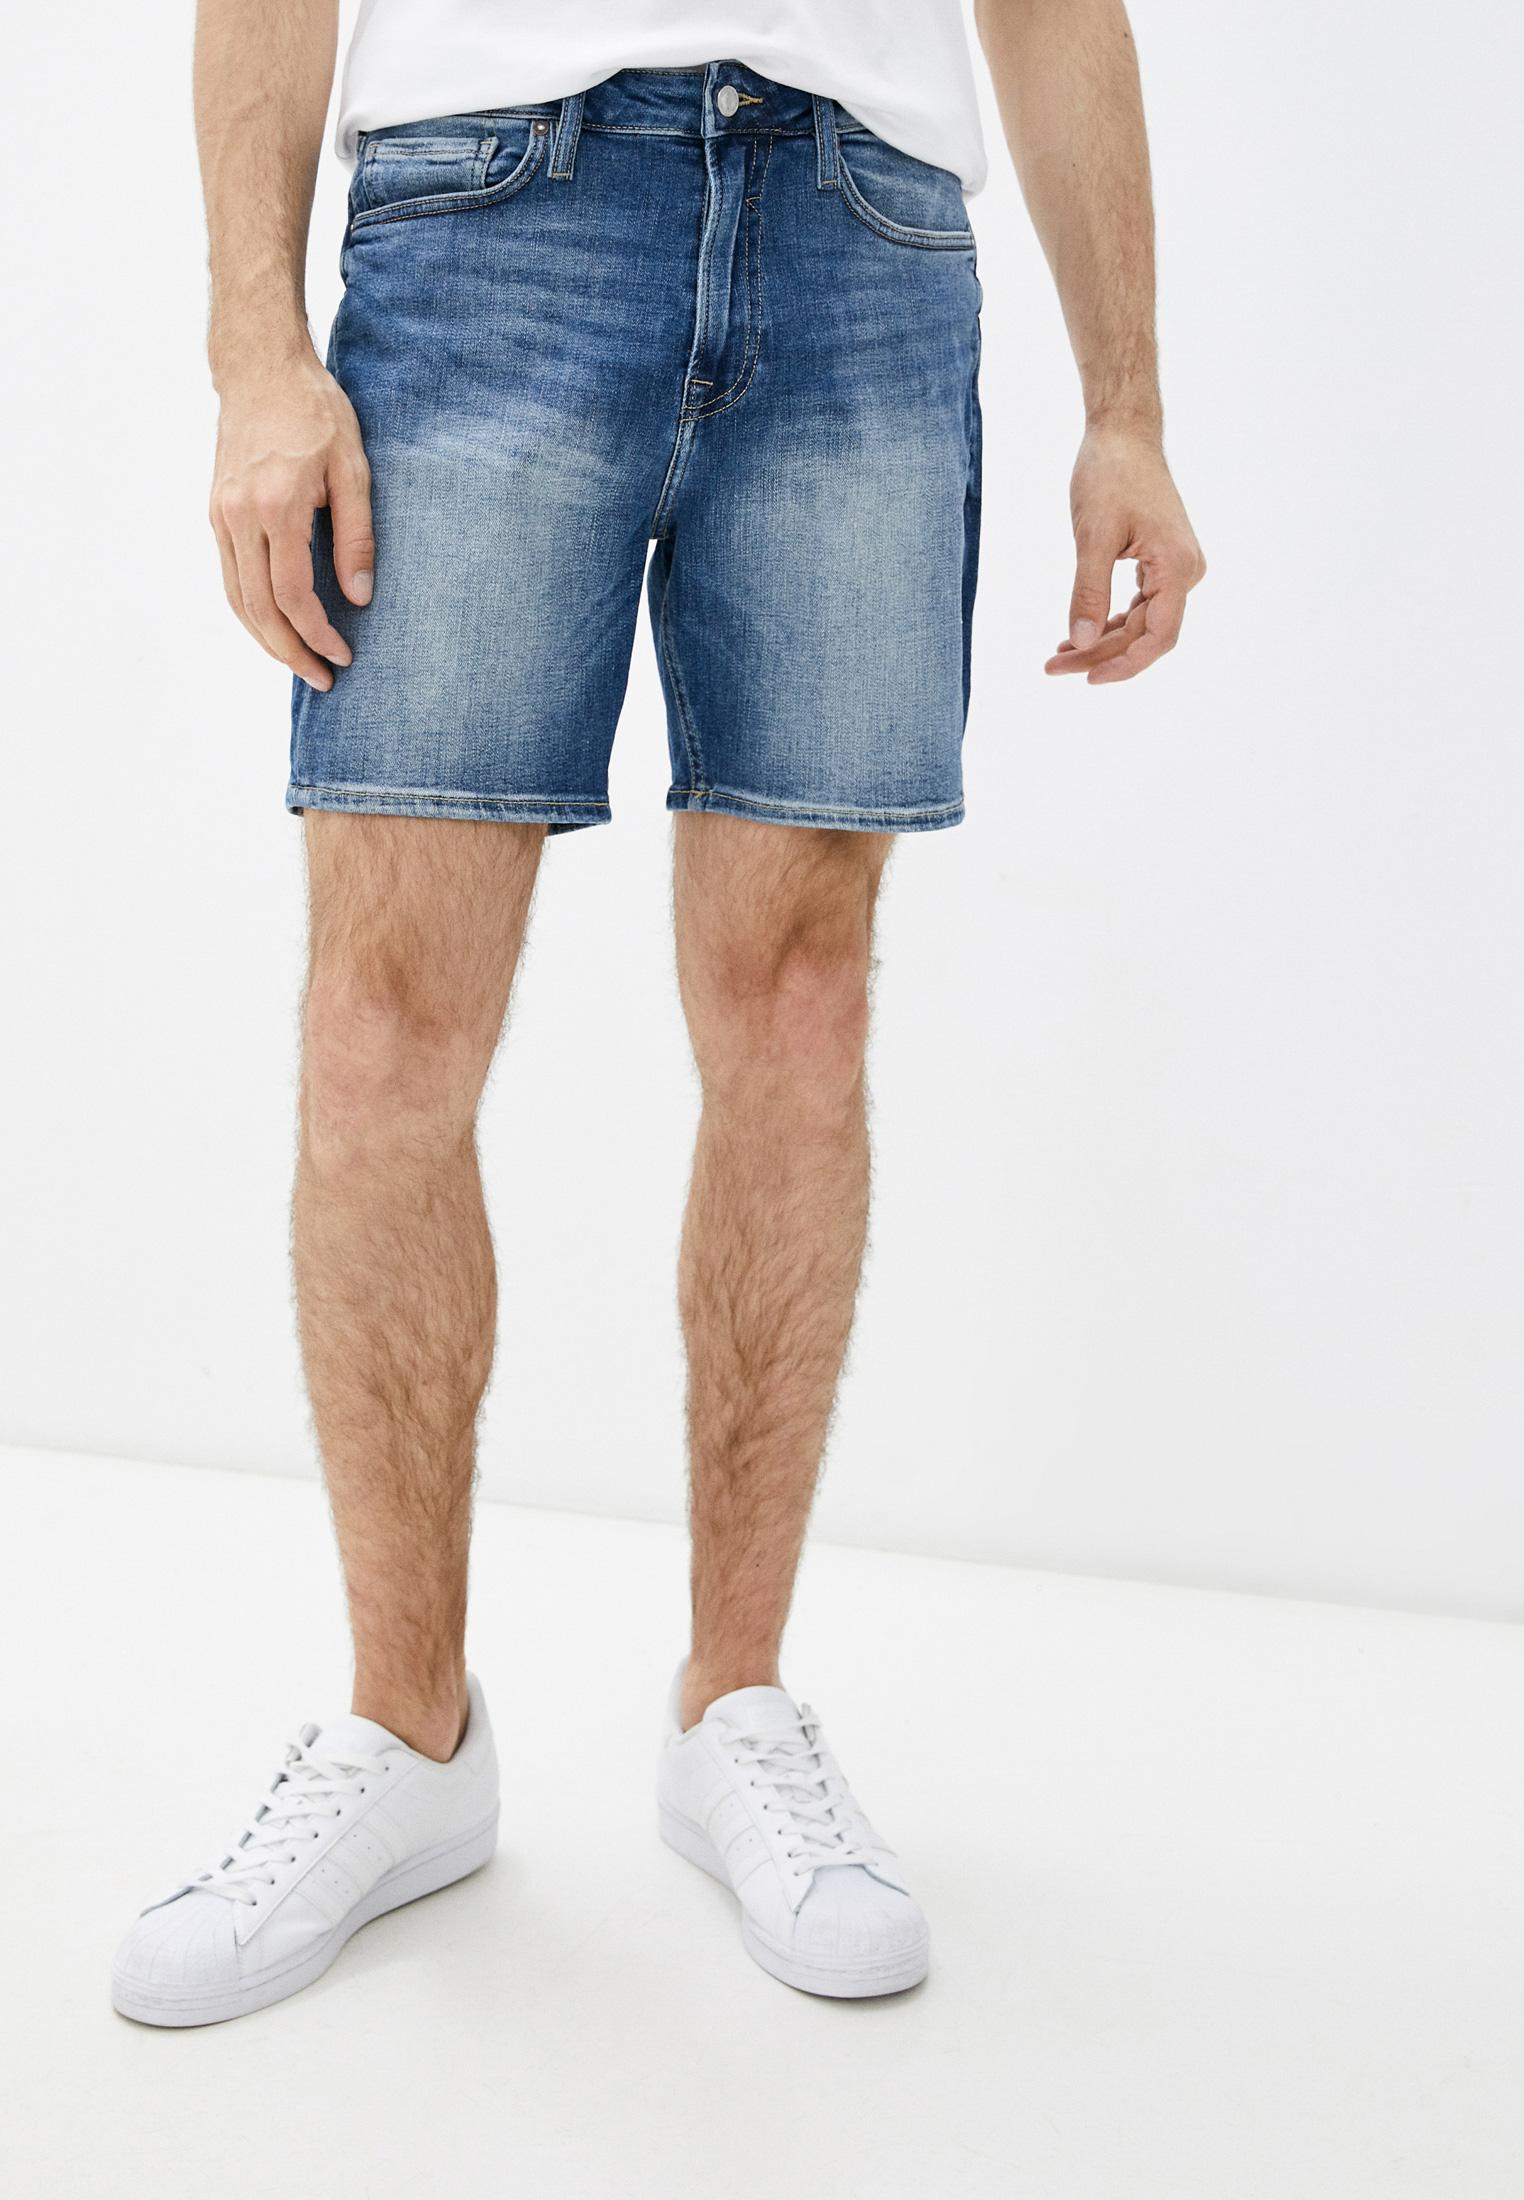 Мужские джинсовые шорты Guess Jeans Шорты джинсовые Guess Jeans